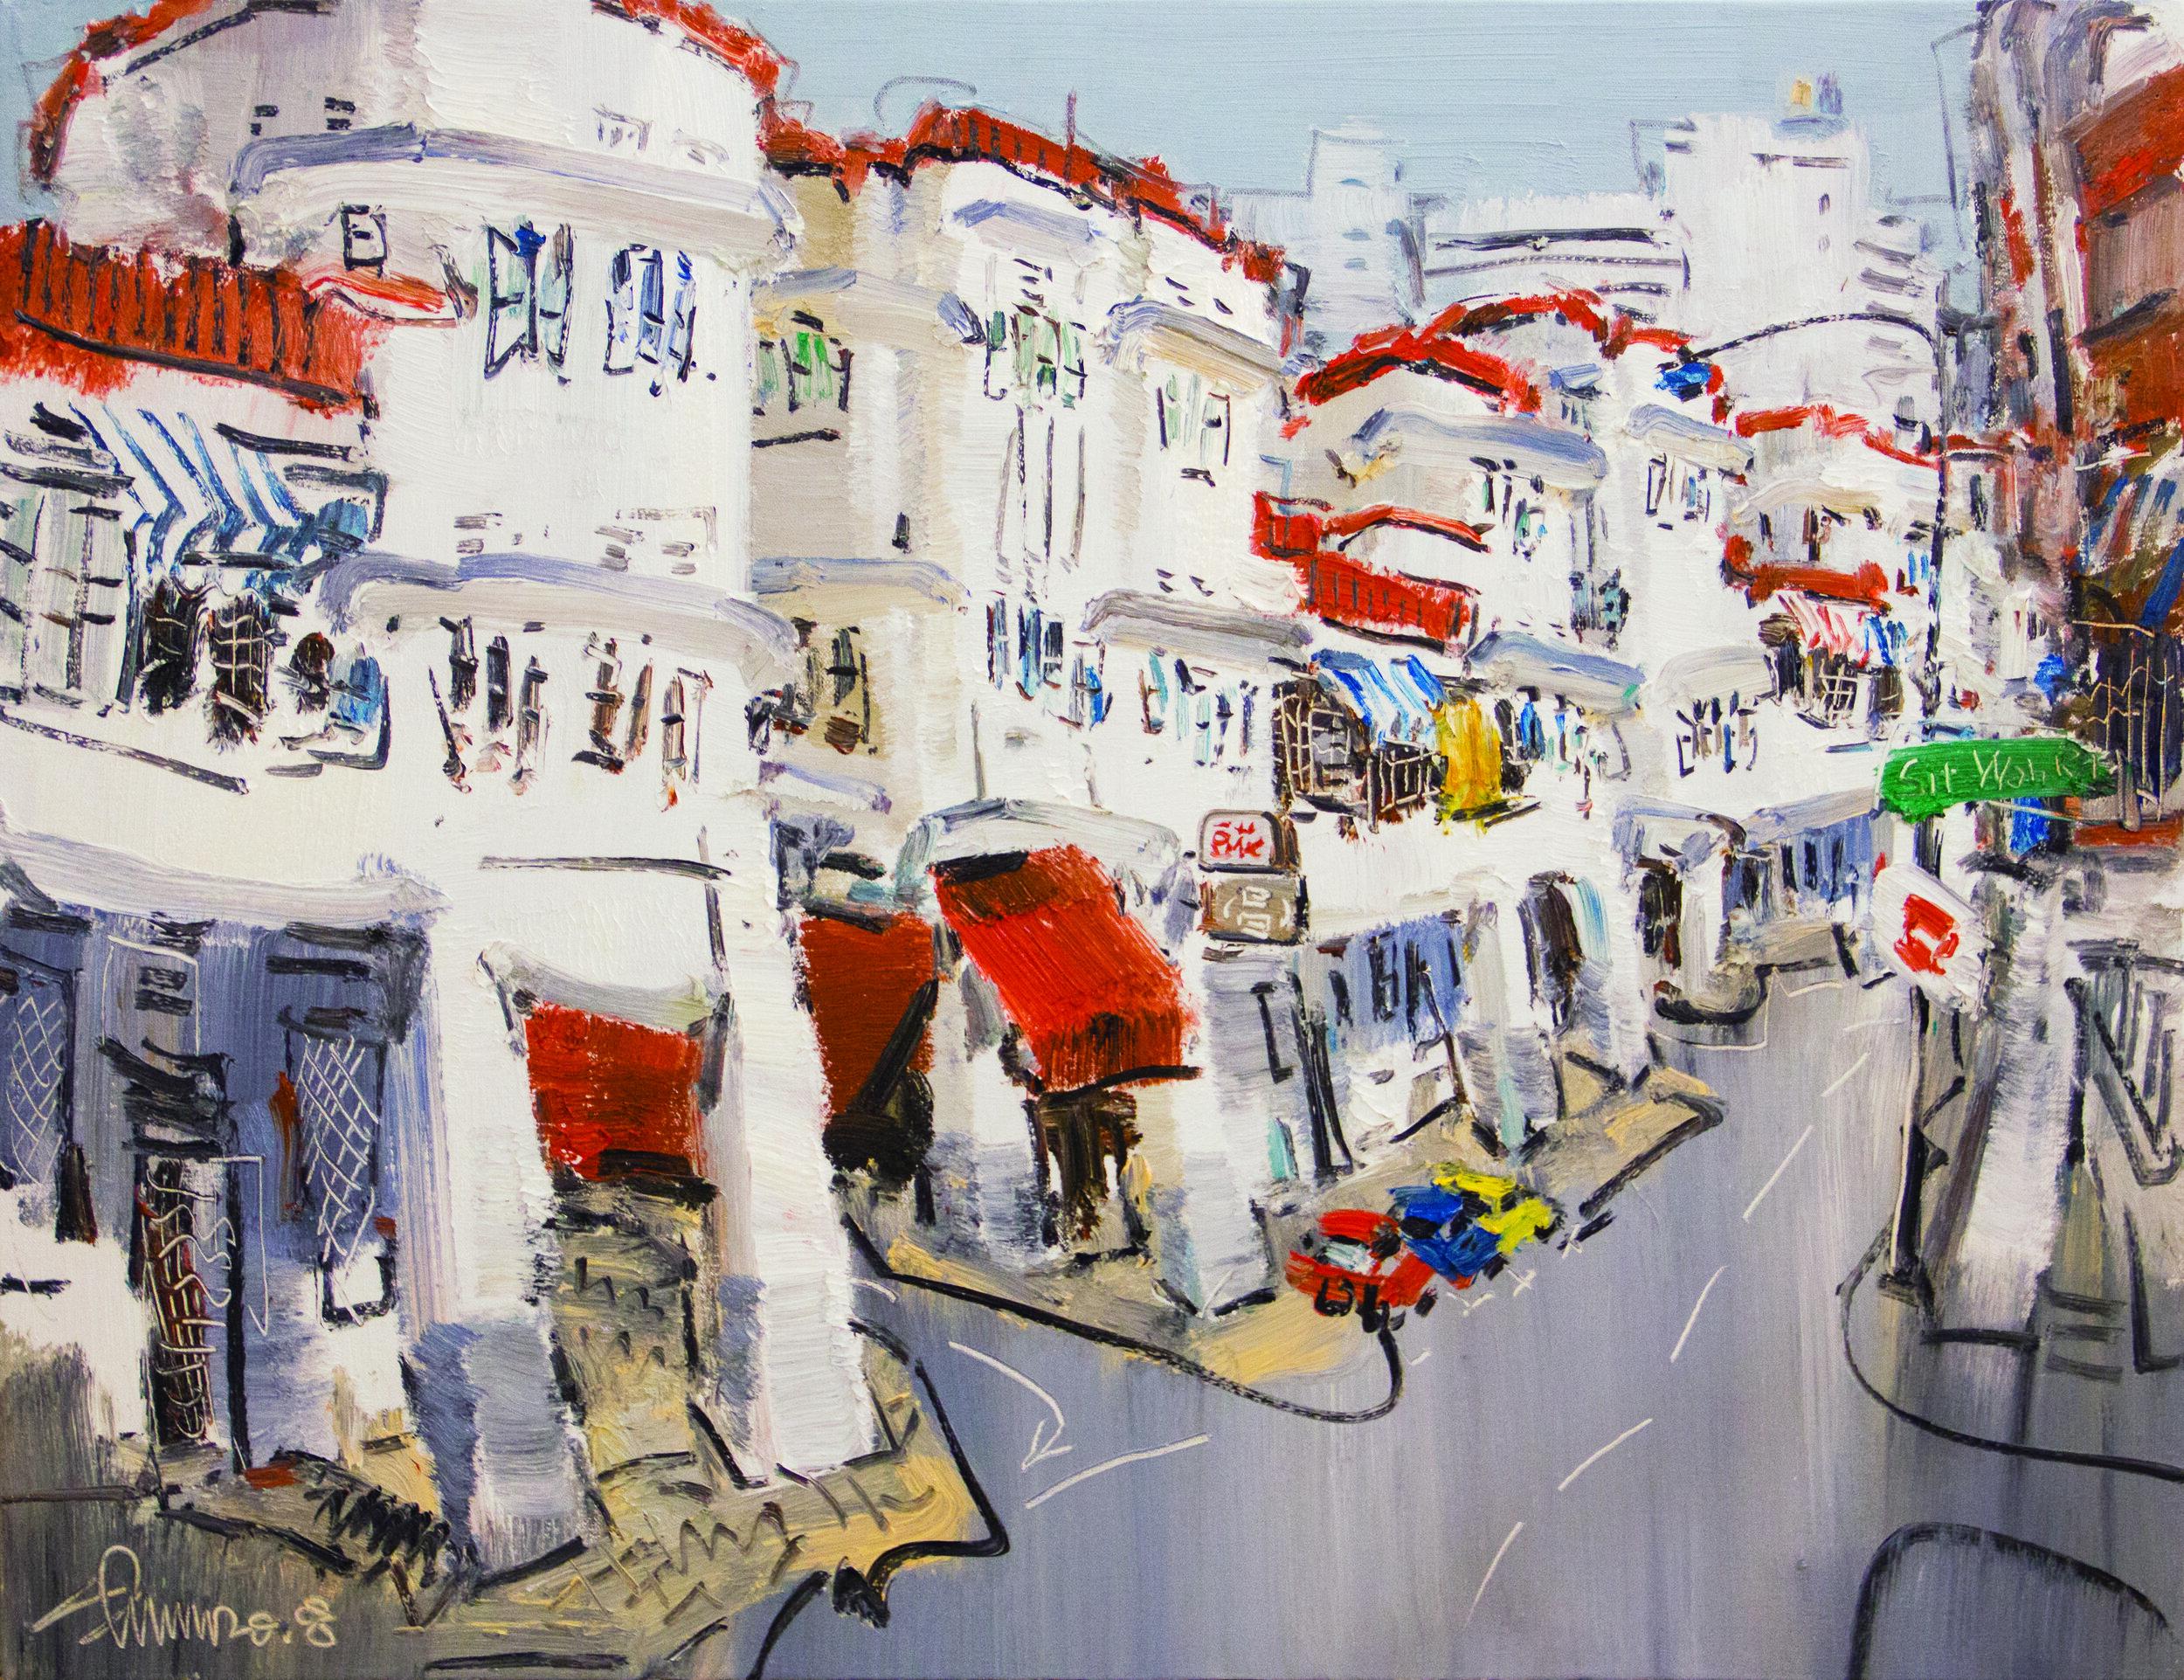 Zhu Hong  Tiong Bahru Oil on canvas 70x90 cm 2018